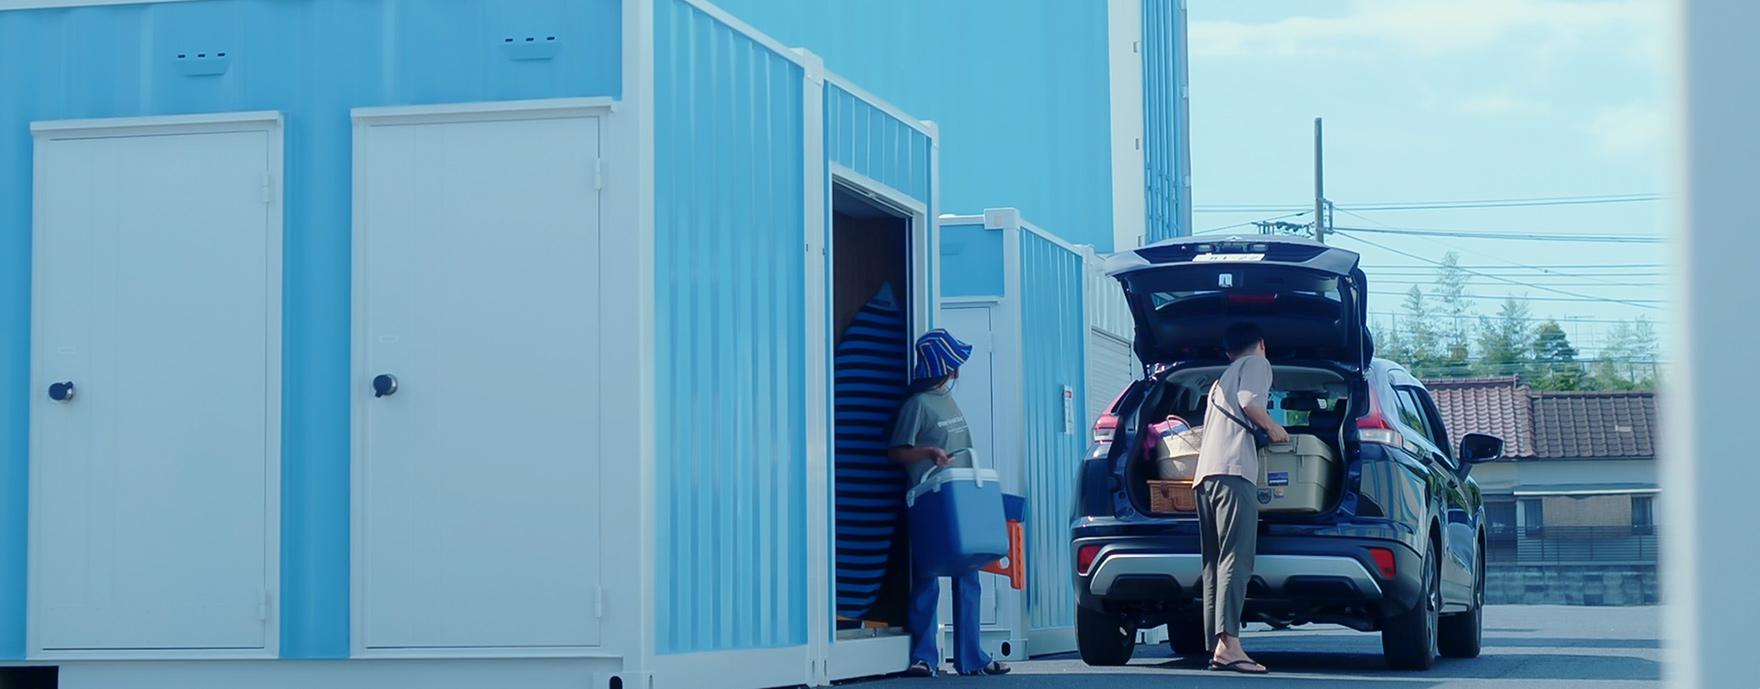 湘南エリア最大規模 屋外トランクルーム ルームマートコンテナ トランクルーム